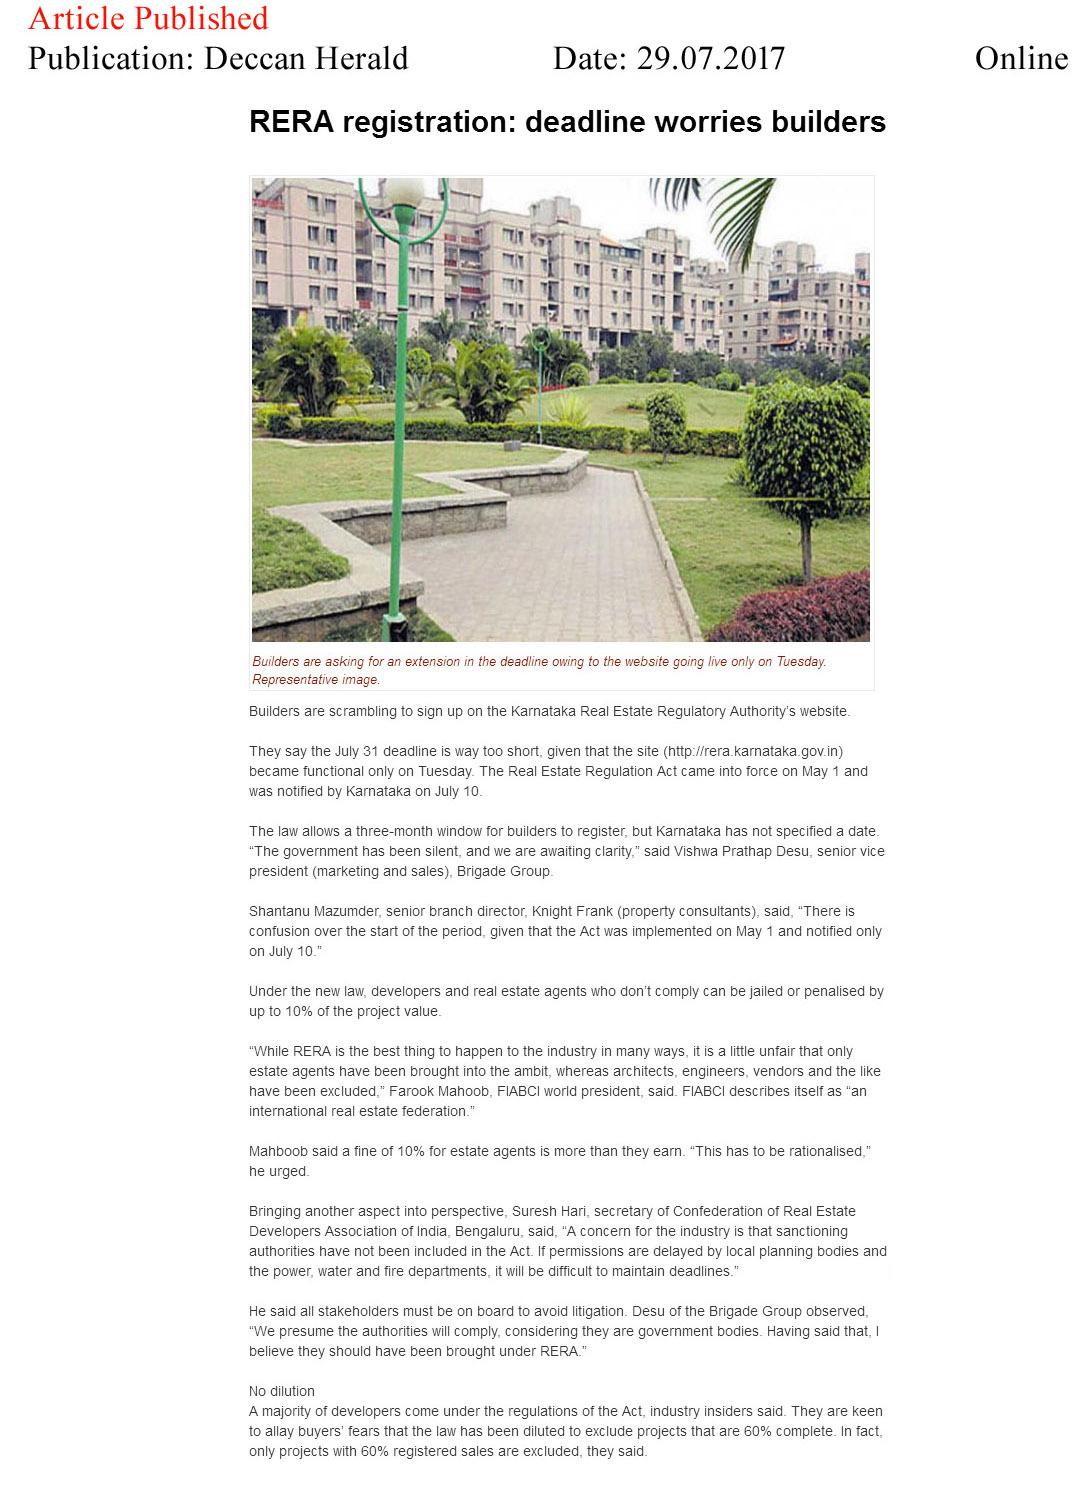 RERA registration: deadline worried builders—Deccan Herald-Online